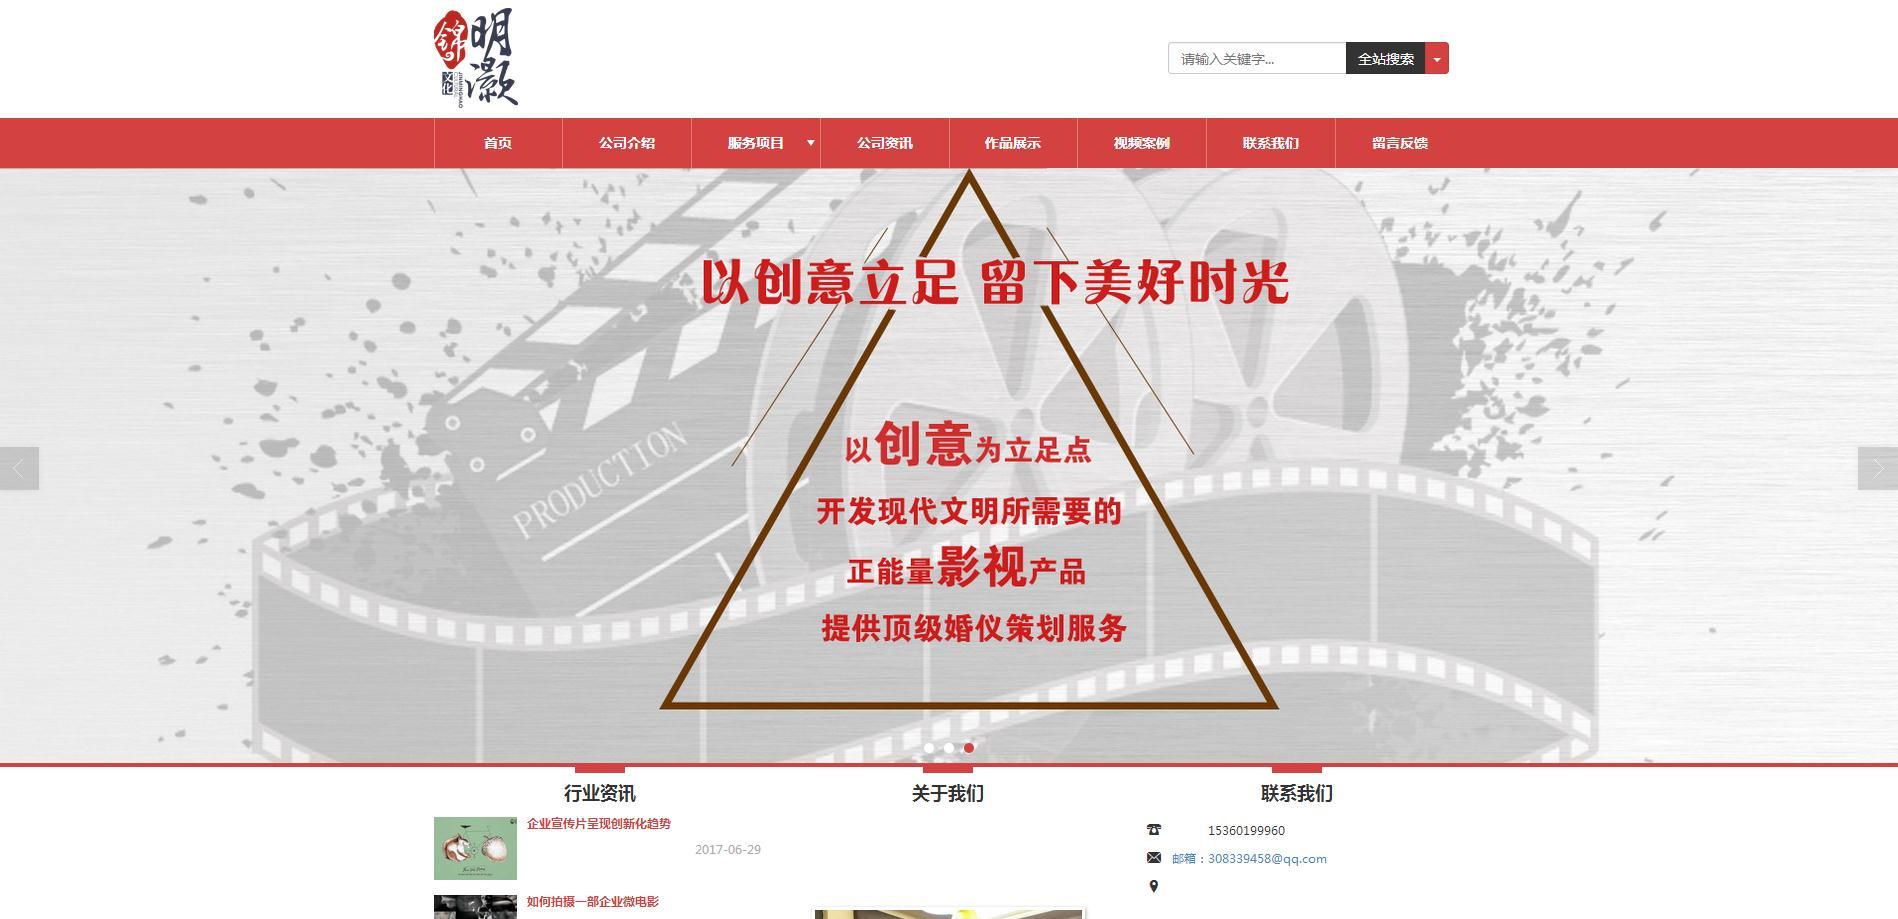 惠州市锦明灏文化传播有限公司